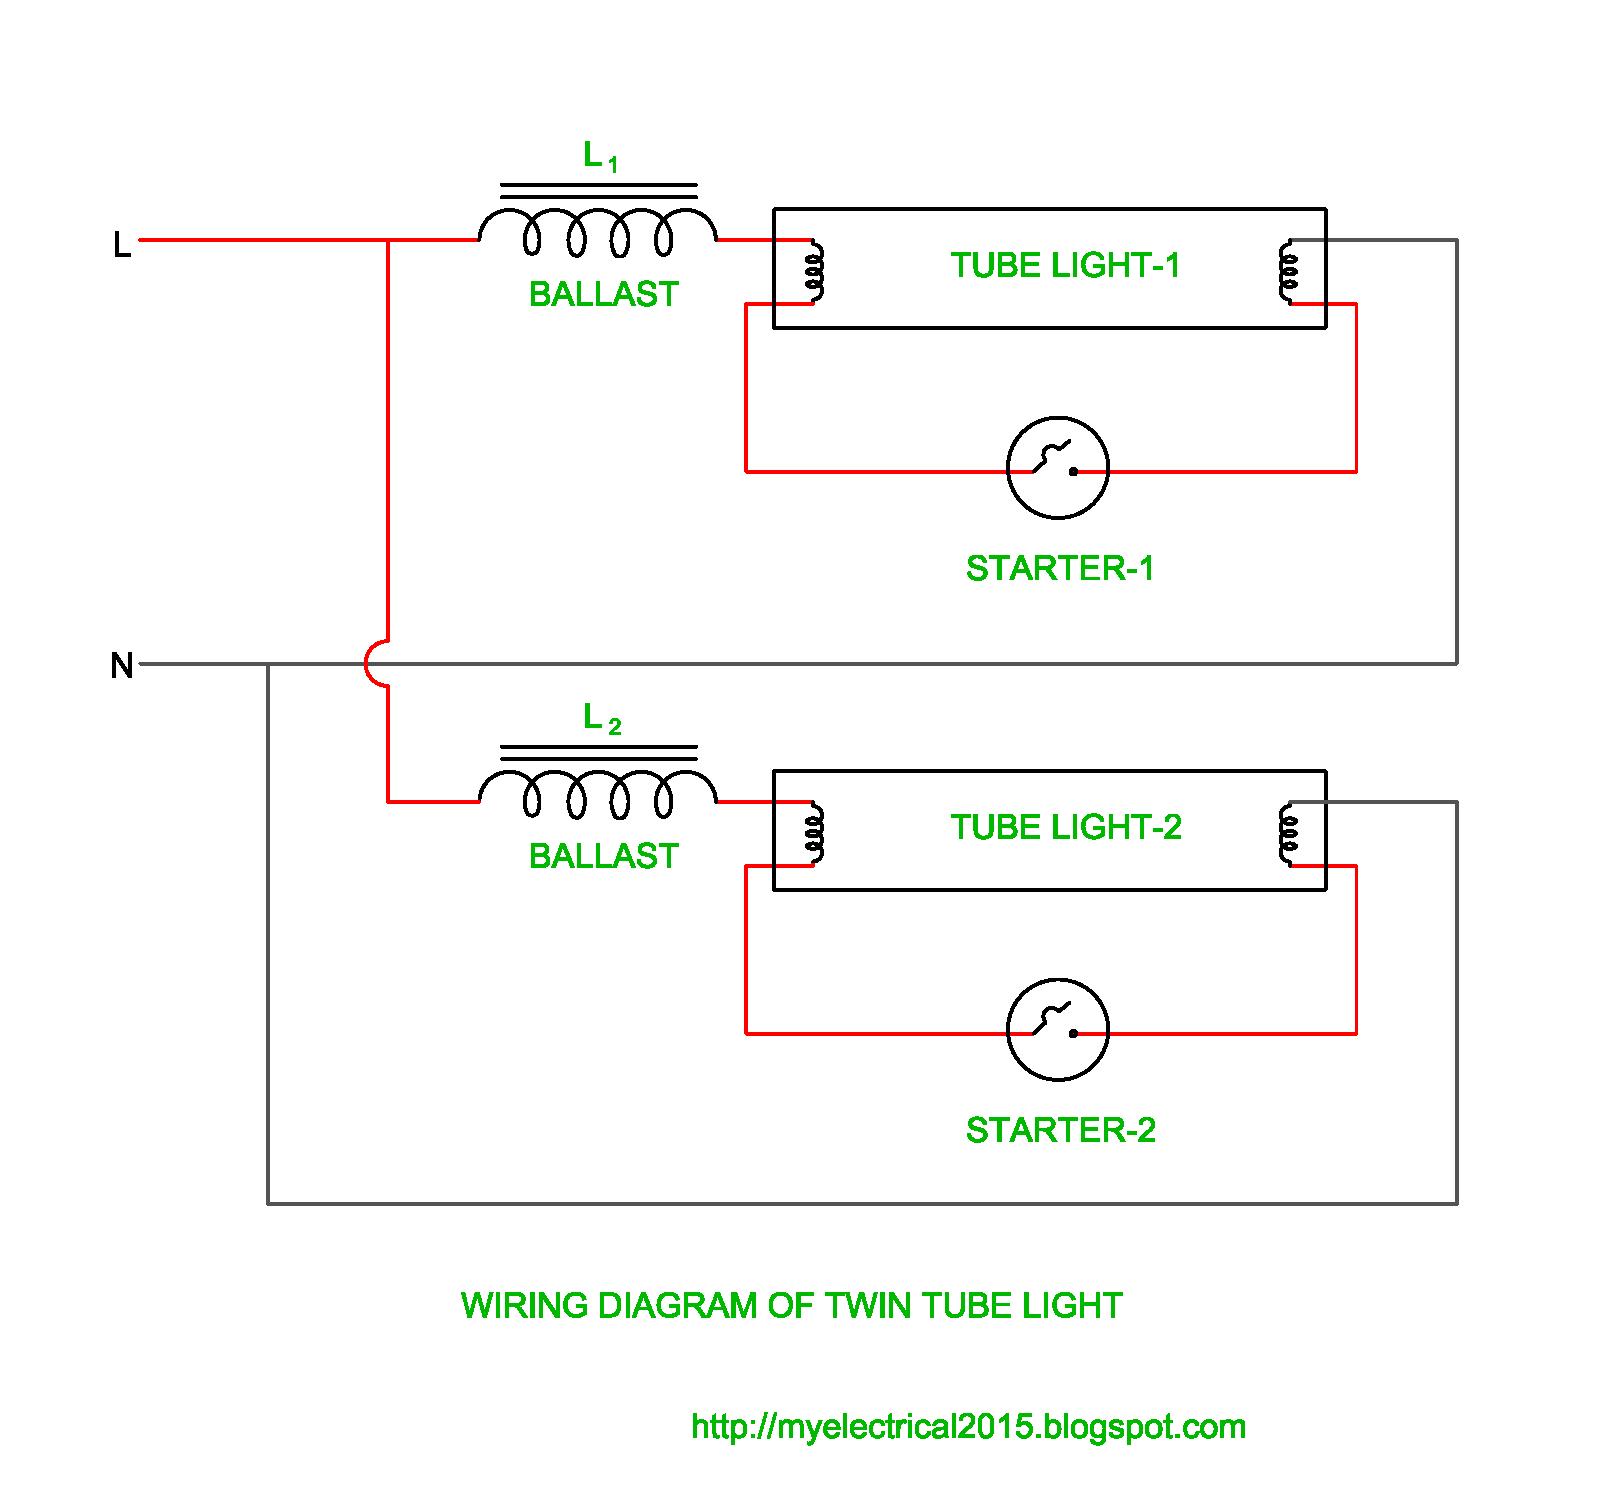 Wiring Diagram Of Twin Tube Light Fluorescent Lamp Tube Light Diagram